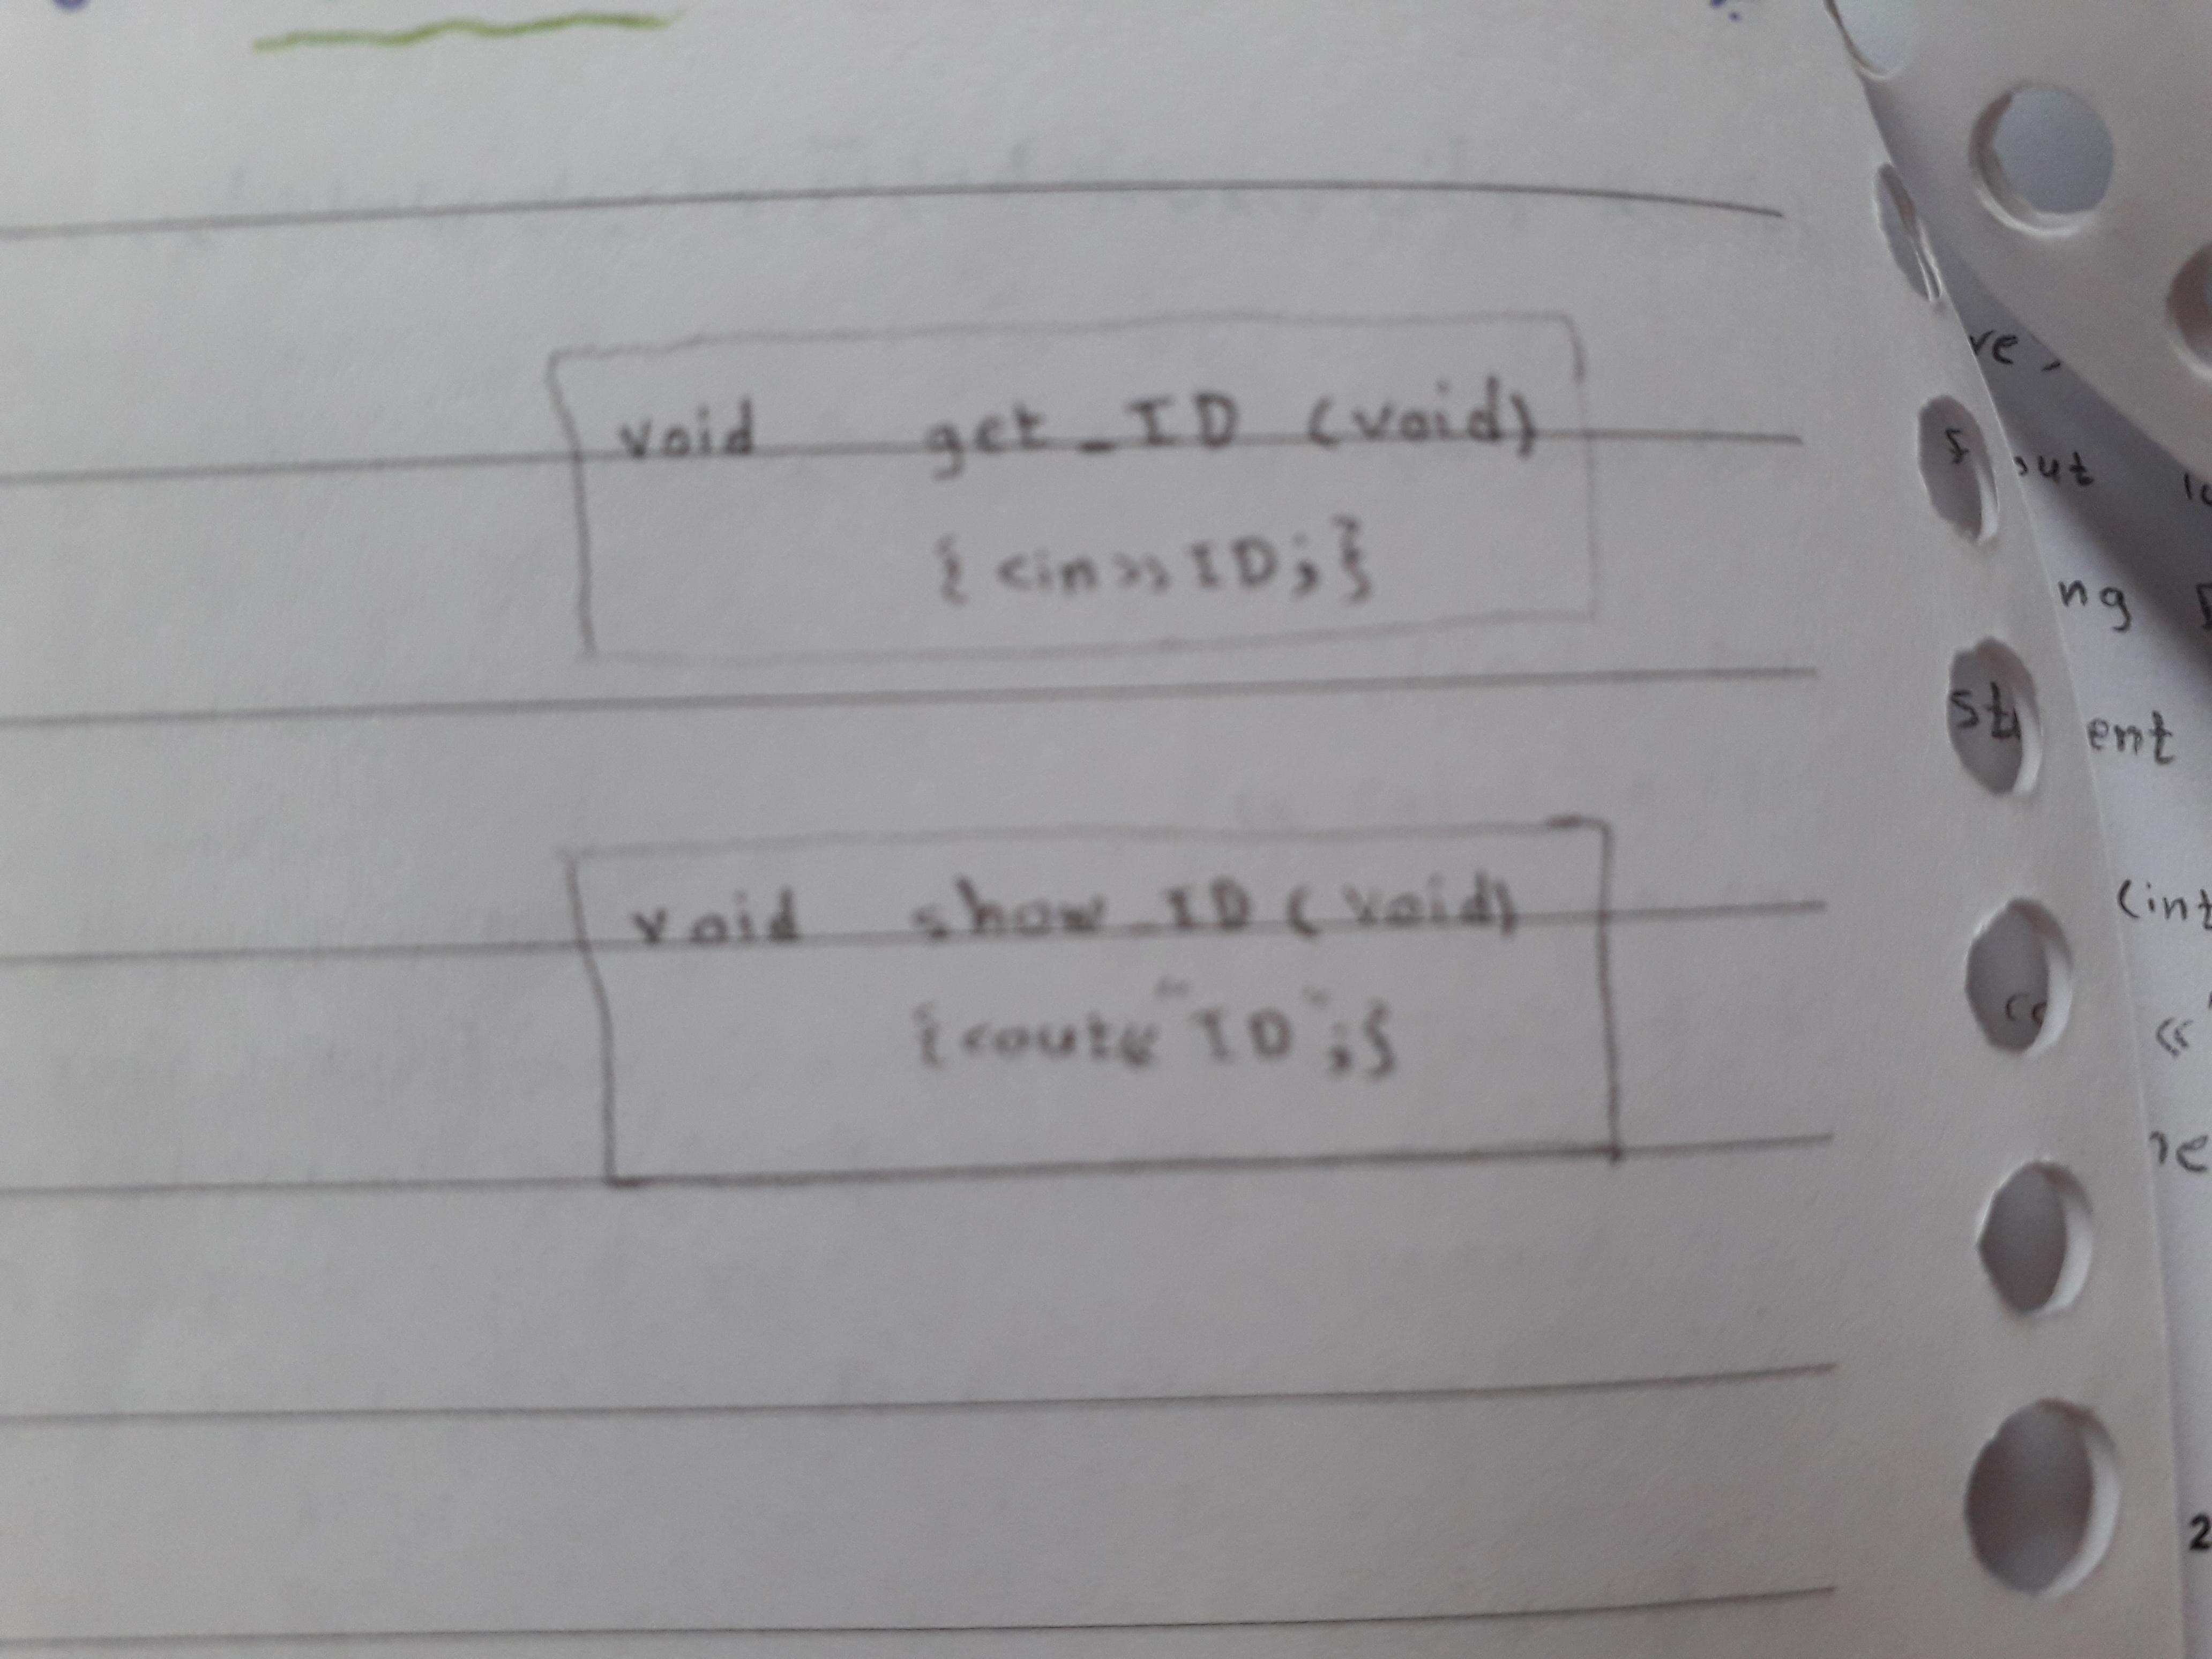 20190601 145759 - برنامه چاپ معدل دانشجویان در c++